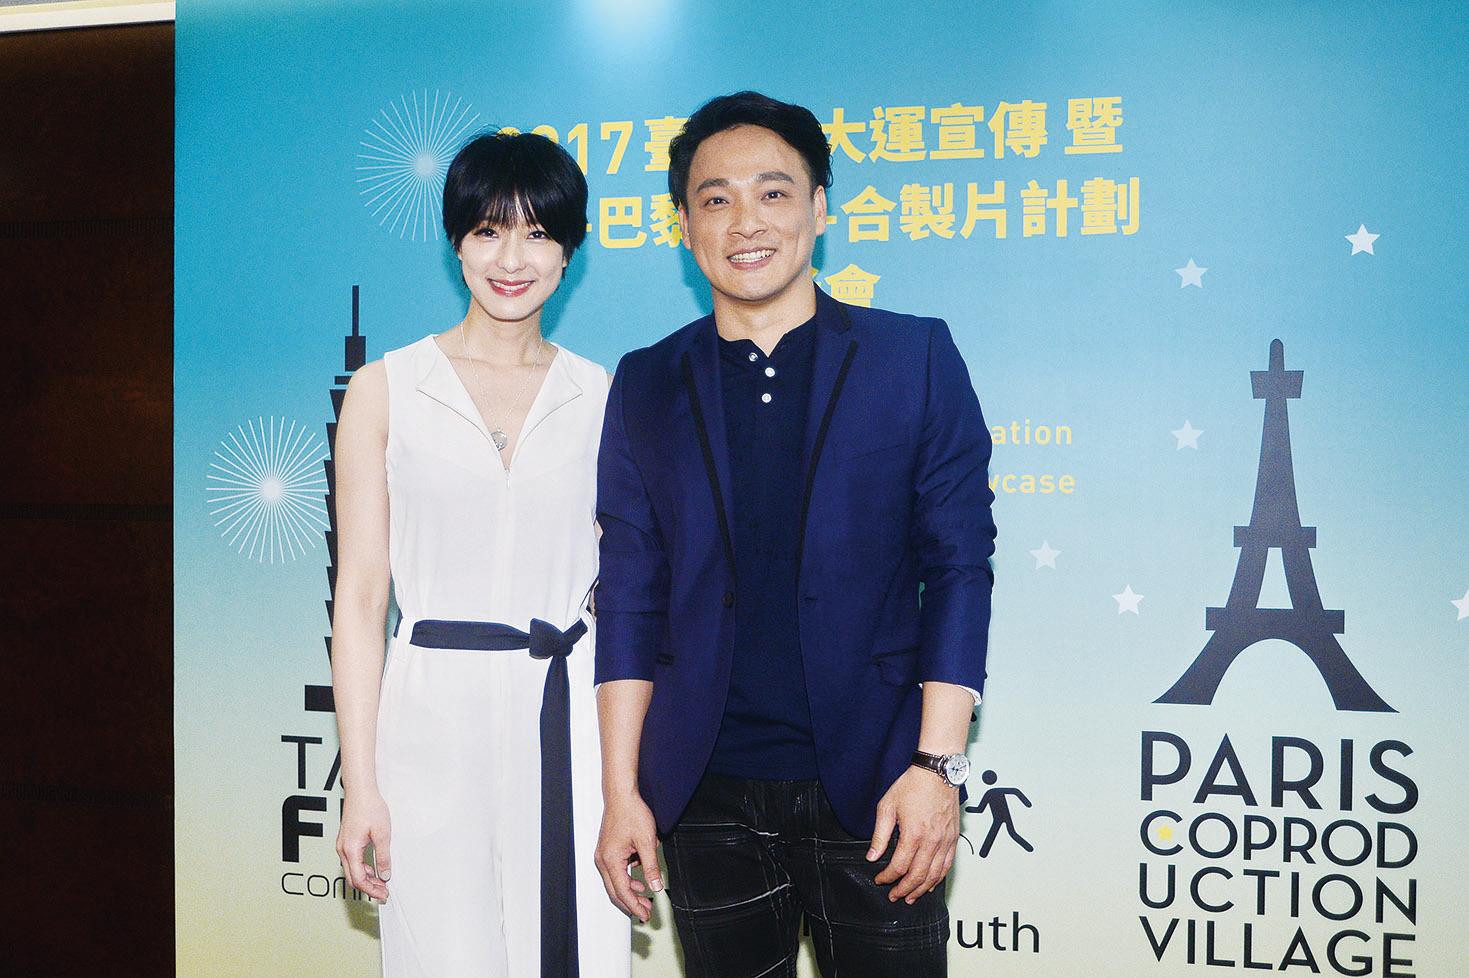 台灣藝人賴雅妍與東明相一同出席「台北-巴黎創投-合製片計劃」簽署儀式。(宋碧龍/大紀元)